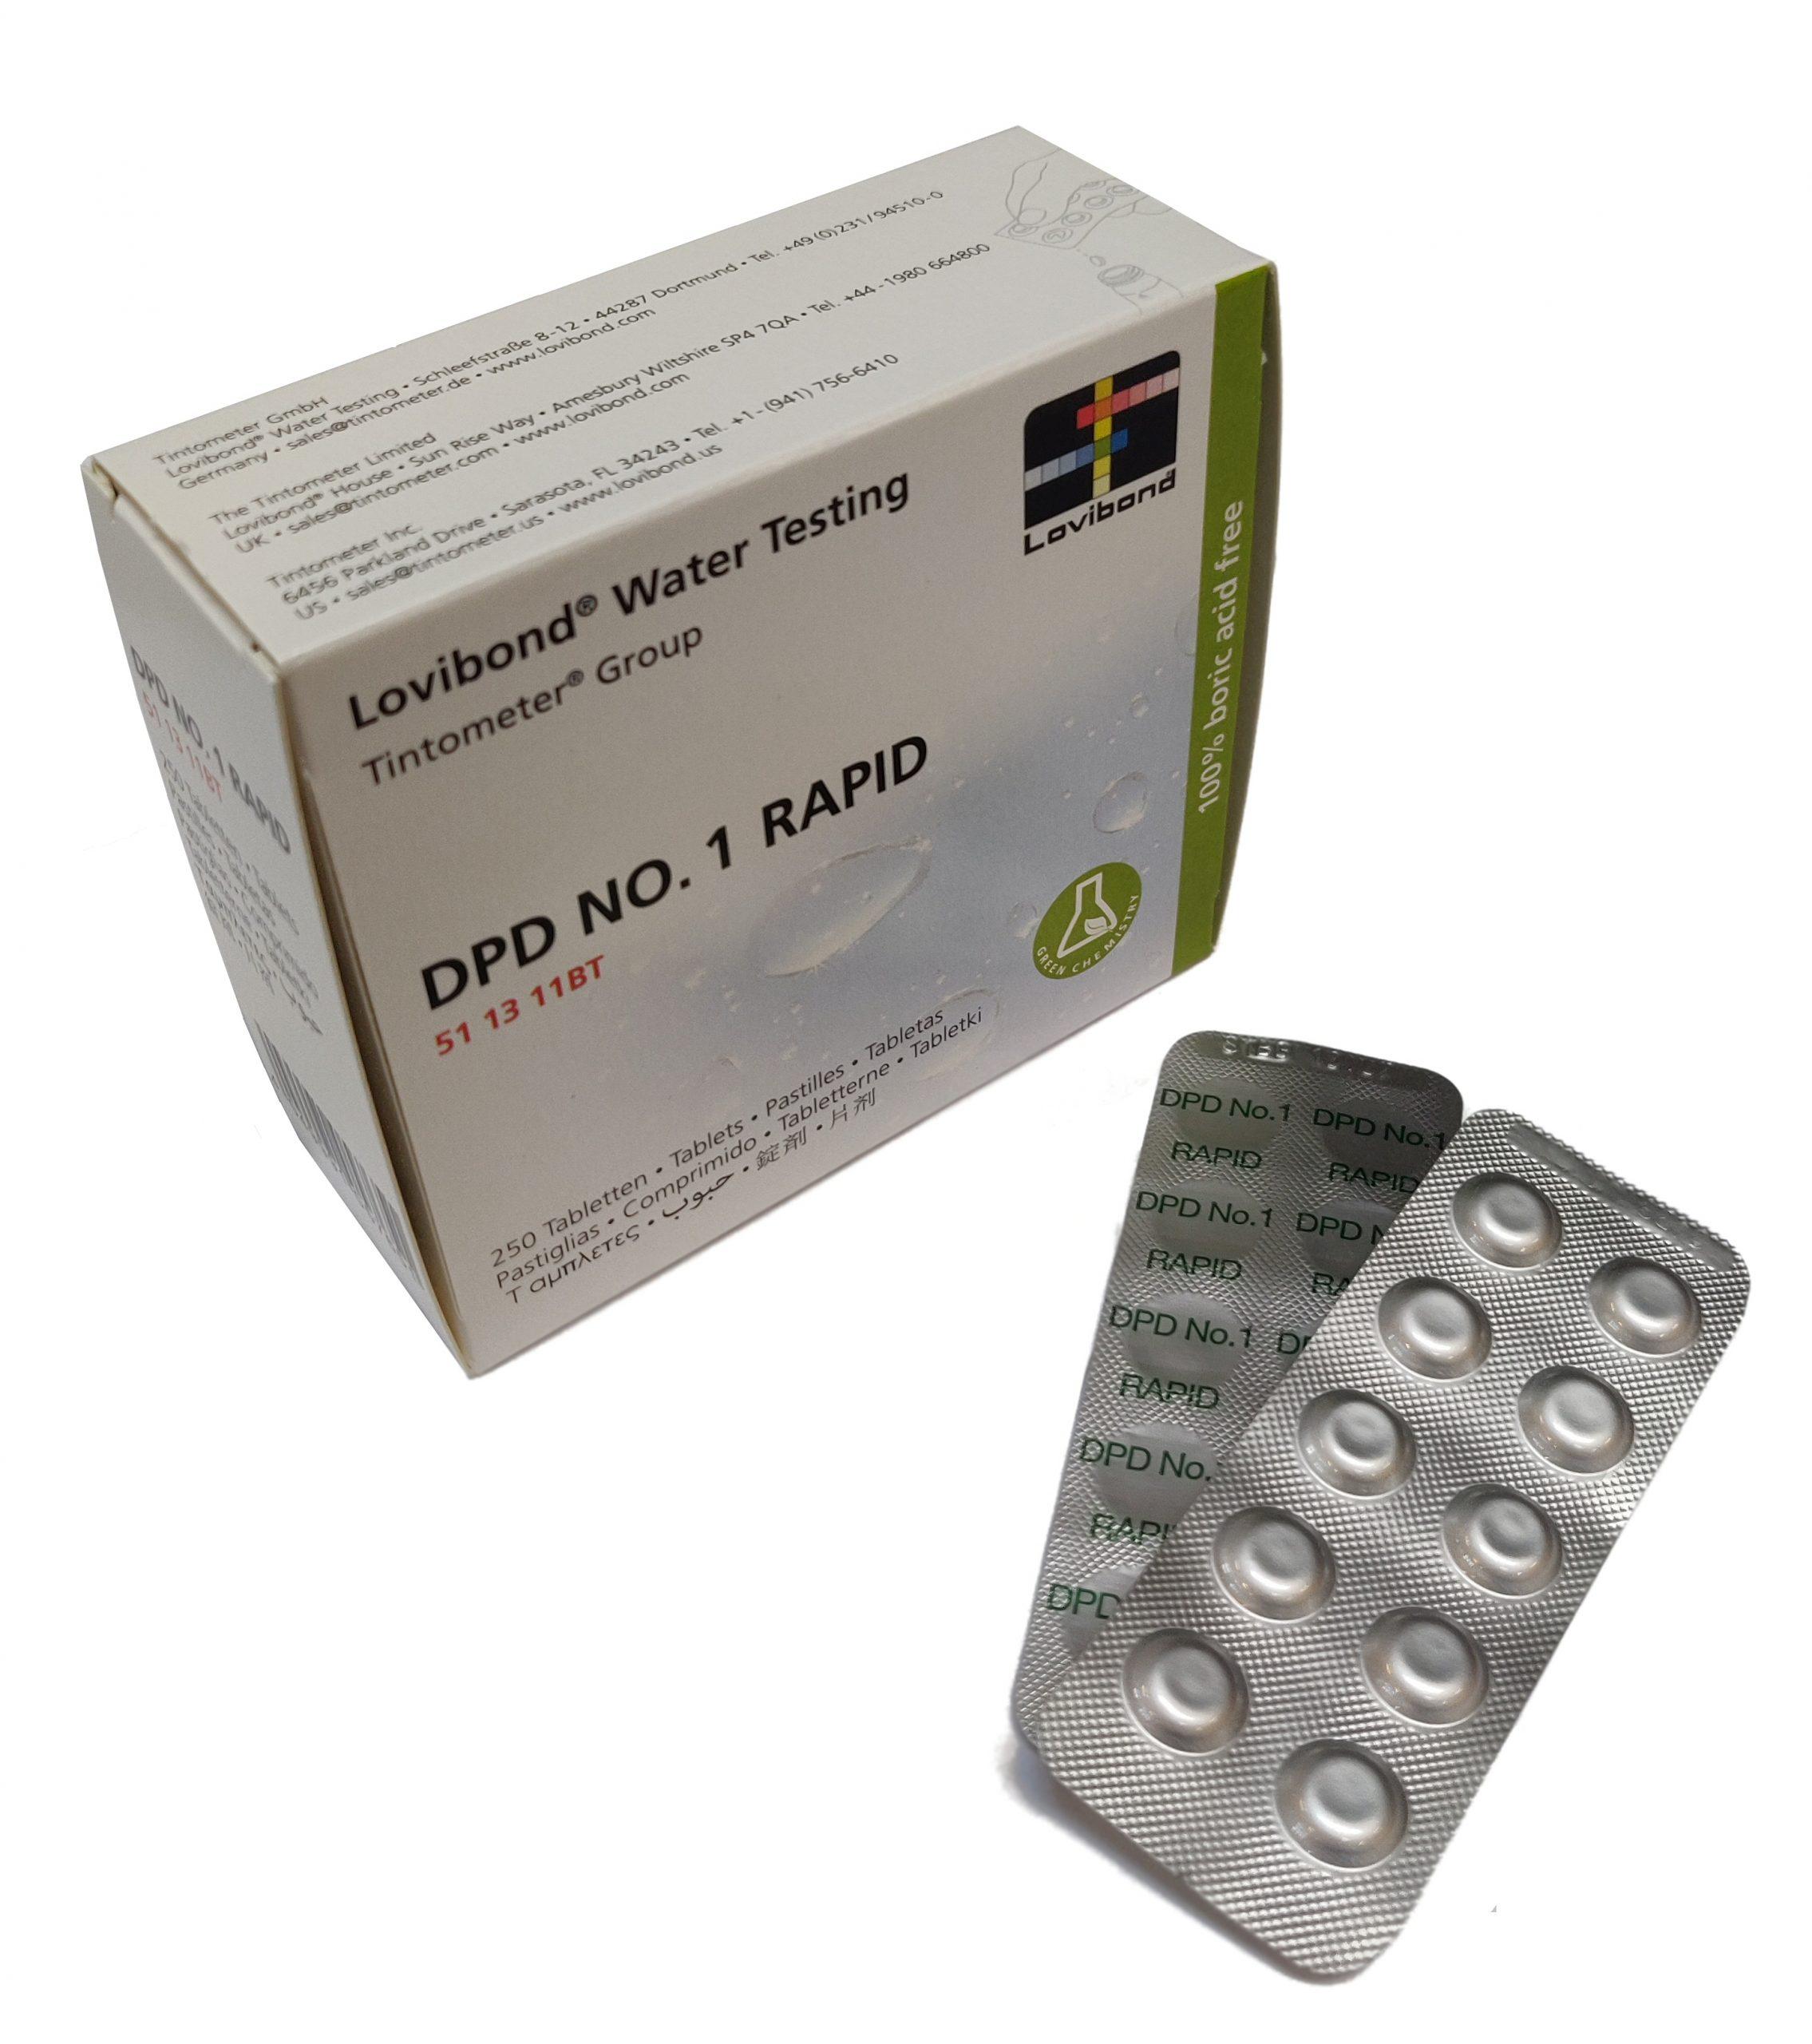 DPD Nr. 1 Rapid Fritt klor (håndrister)